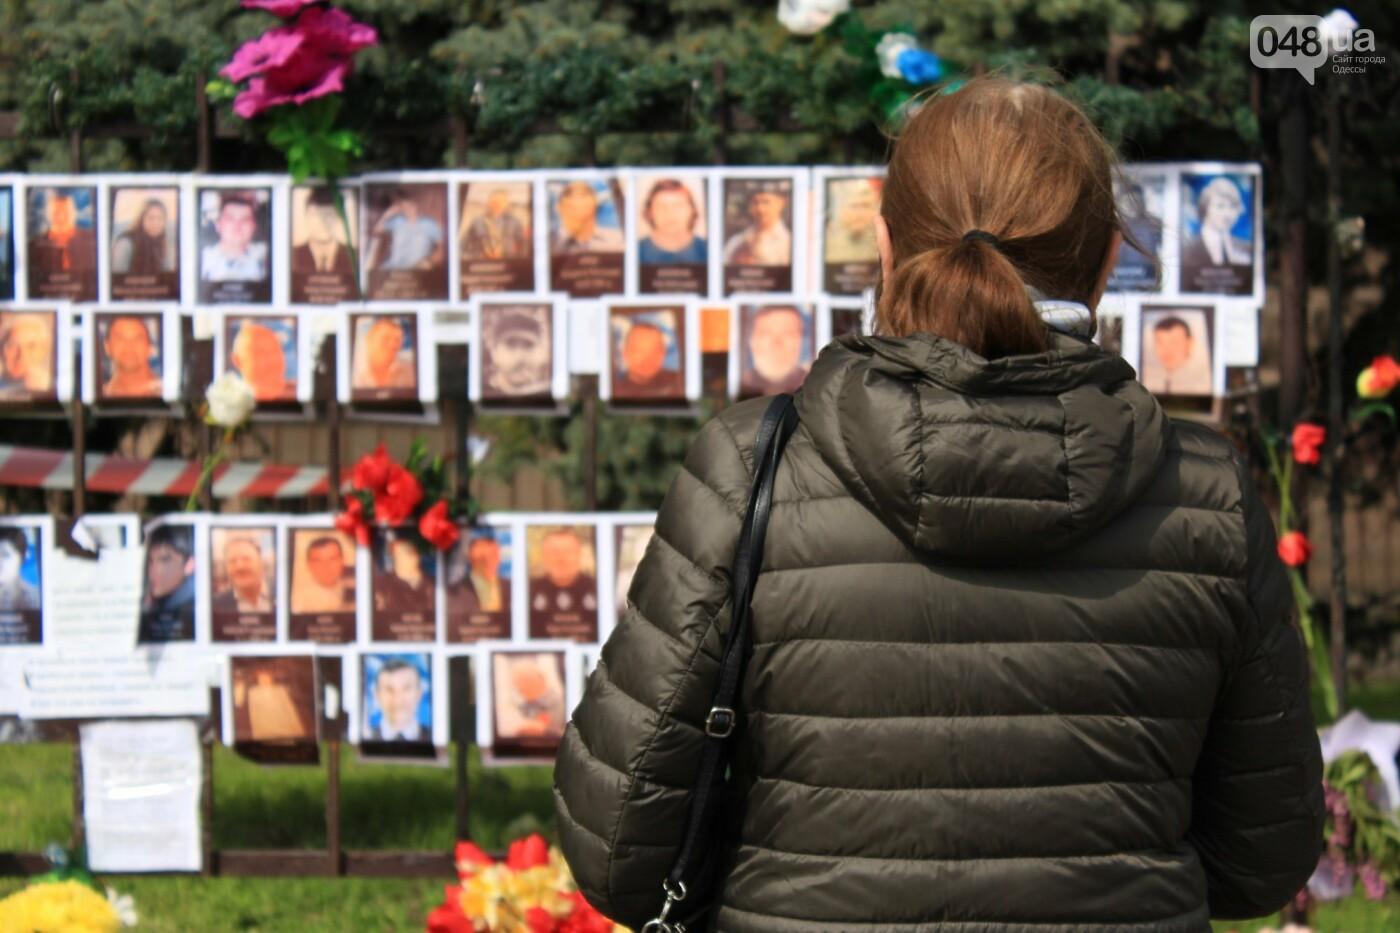 В Одессе к Дому профсоюзов несут цветы под присмотром полиции и медиков, - ФОТО, ВИДЕО , фото-19